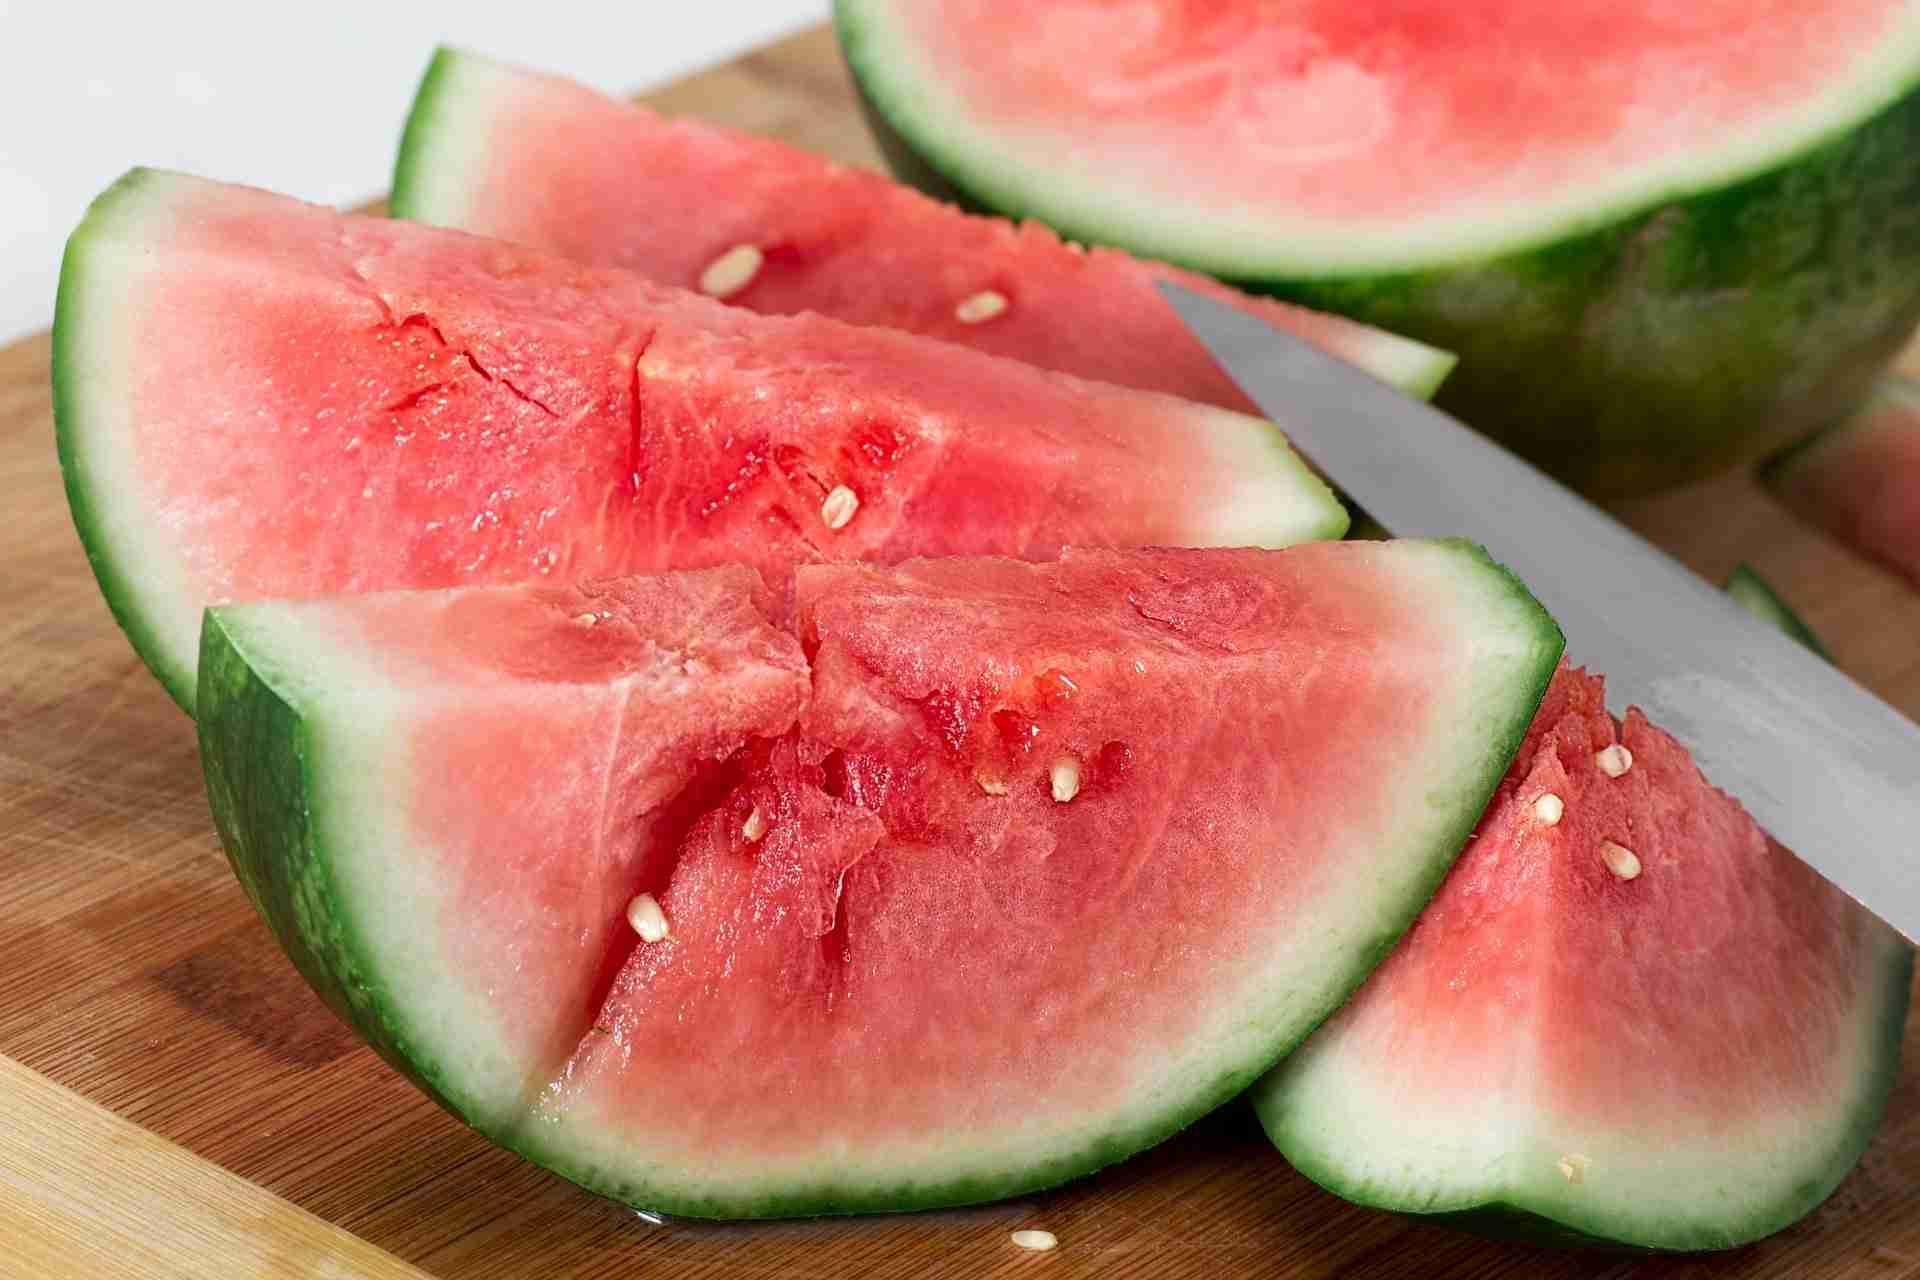 Wassermelone haltbar machen